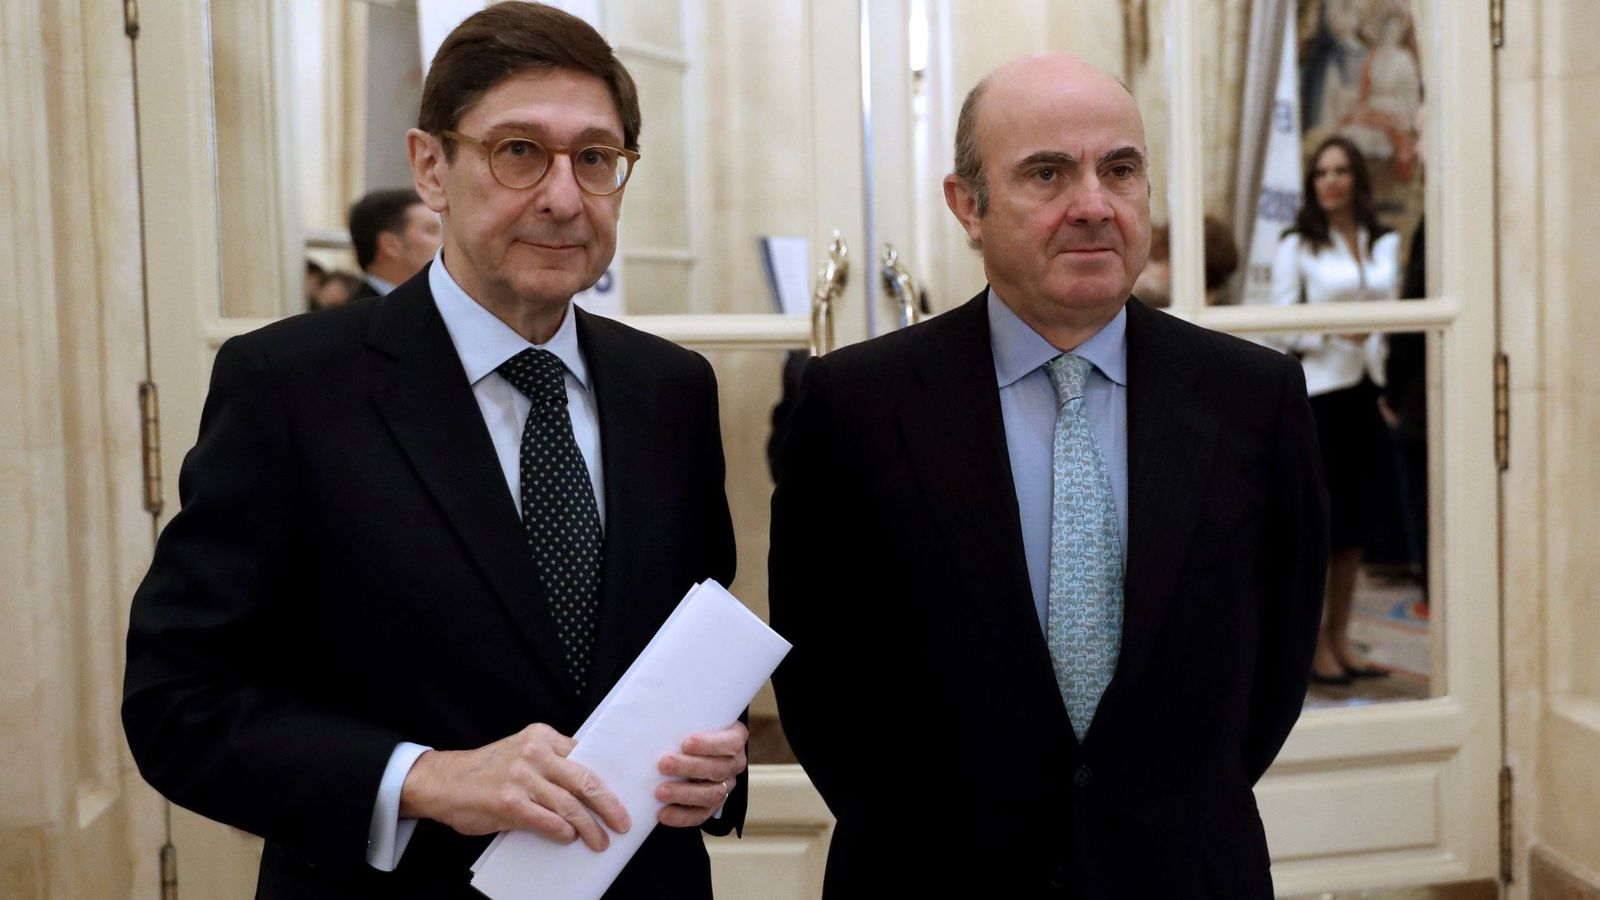 Foto: El ministro de Economía, Industria y Competitividad, Luis de Guindos, junto al presidente de Bankia, José Ignacio Goirigolzarri. (EFE)